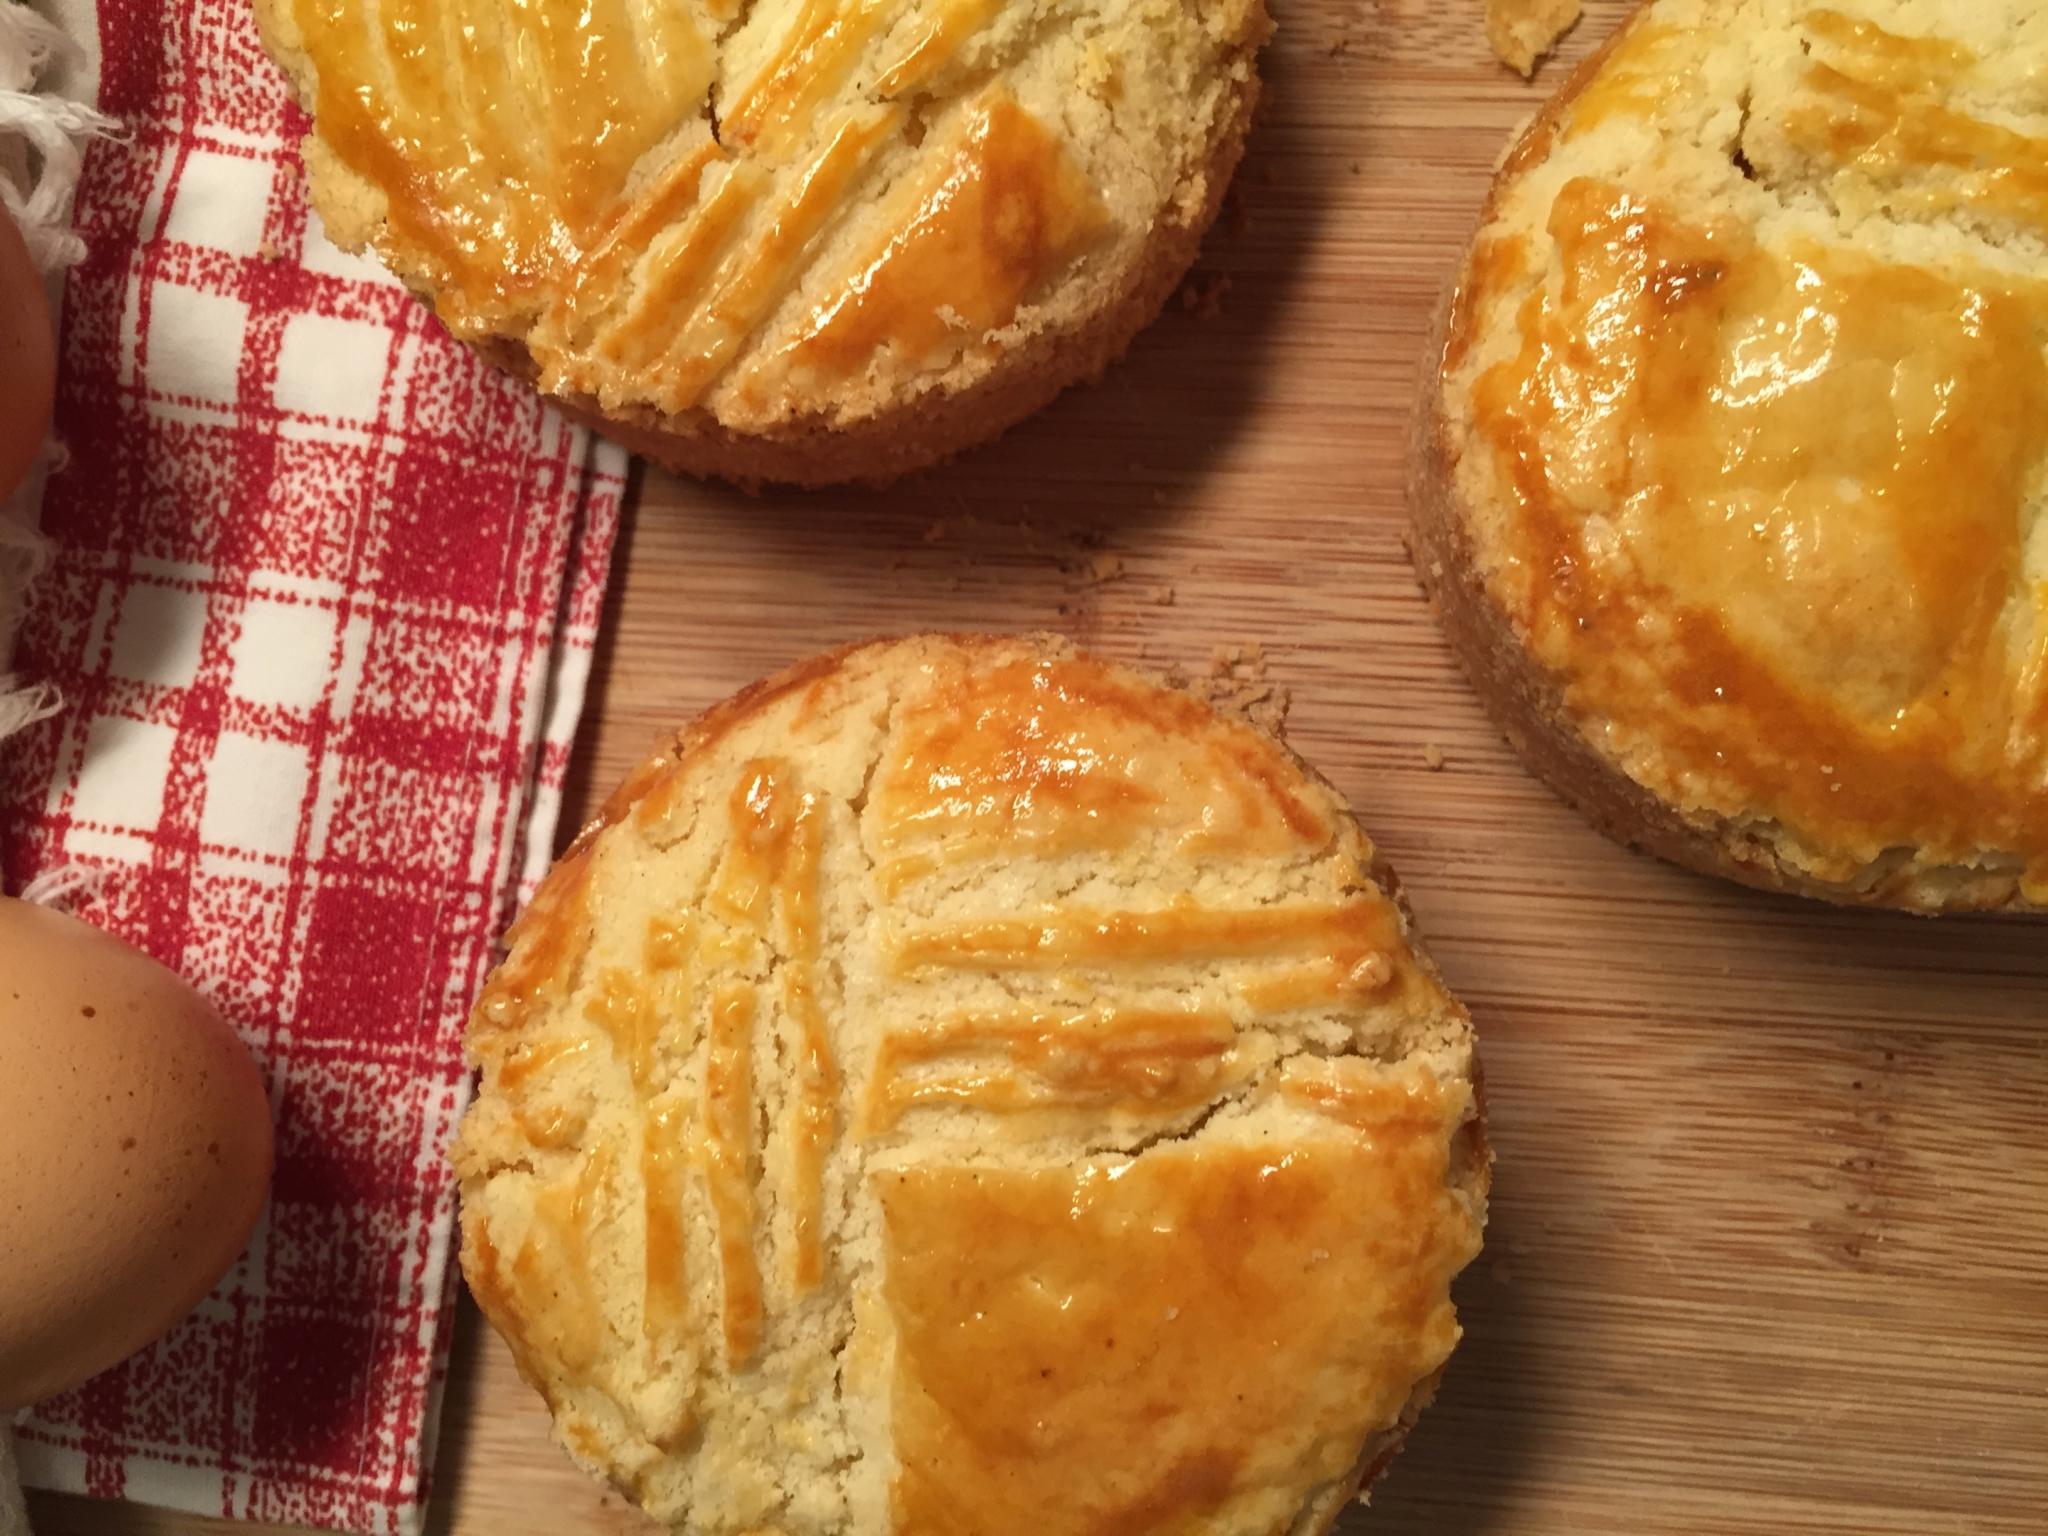 Gâteau Basque adapté sans gluten d'une recette de Christophe Felder